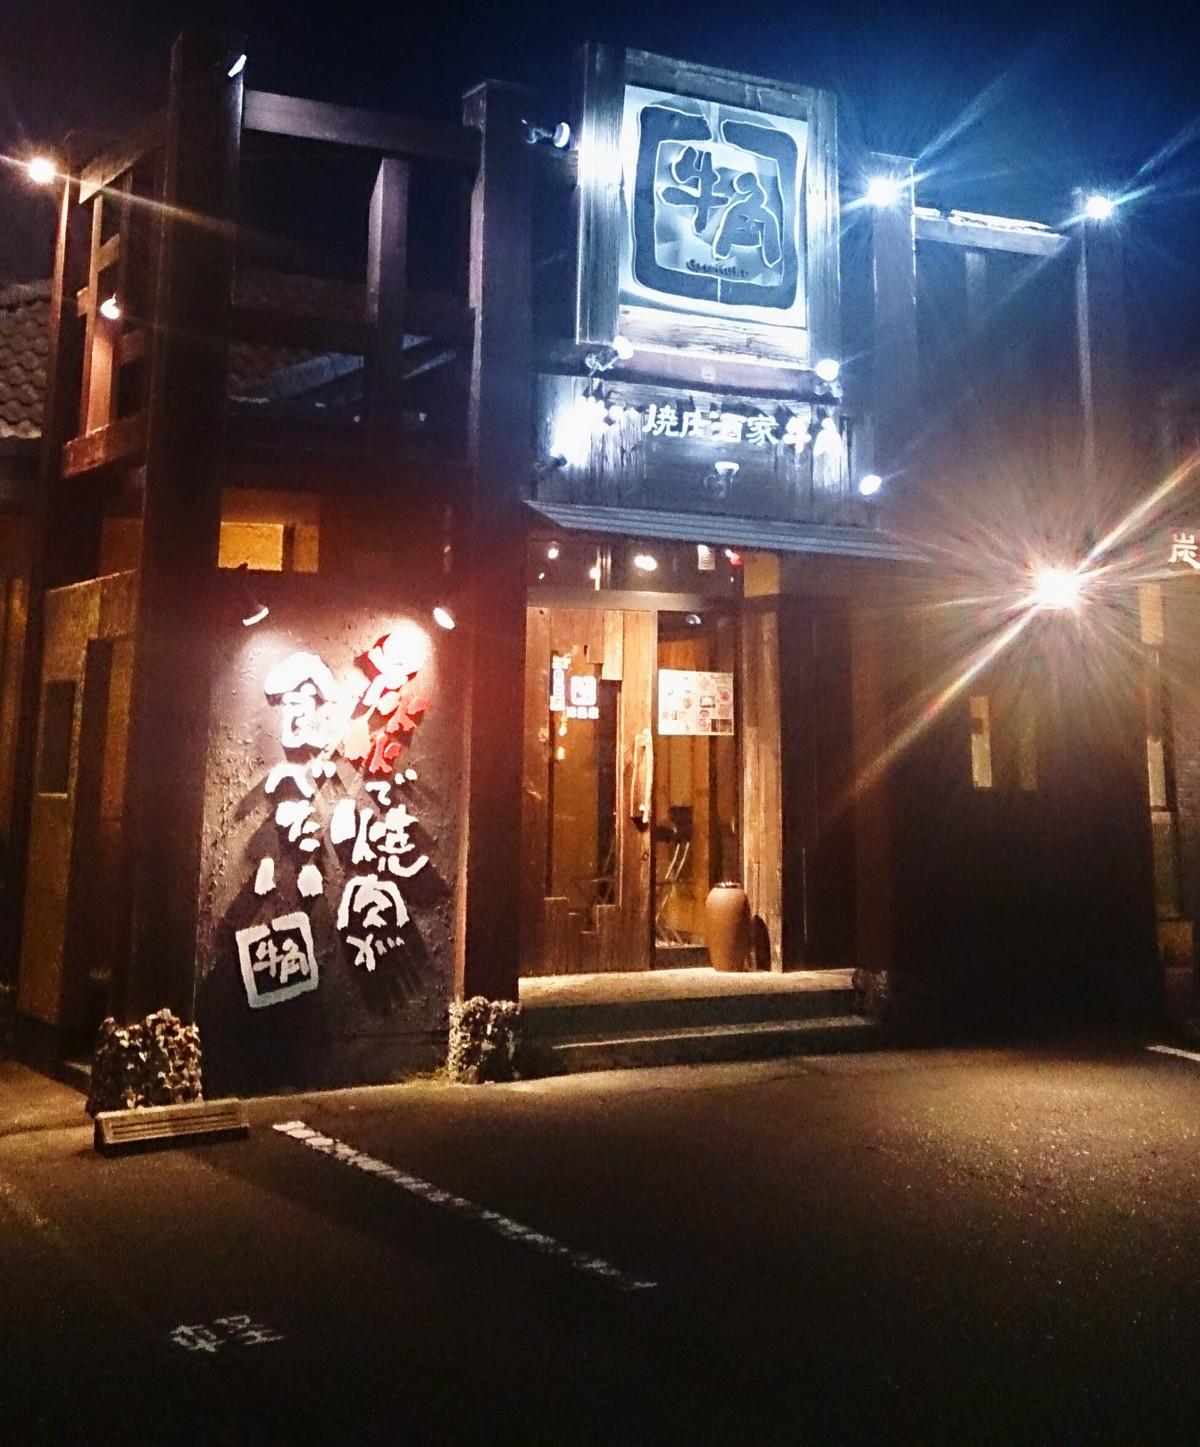 焼肉 : Airの食べログ日記 岐阜・尾張・名古屋を中心に